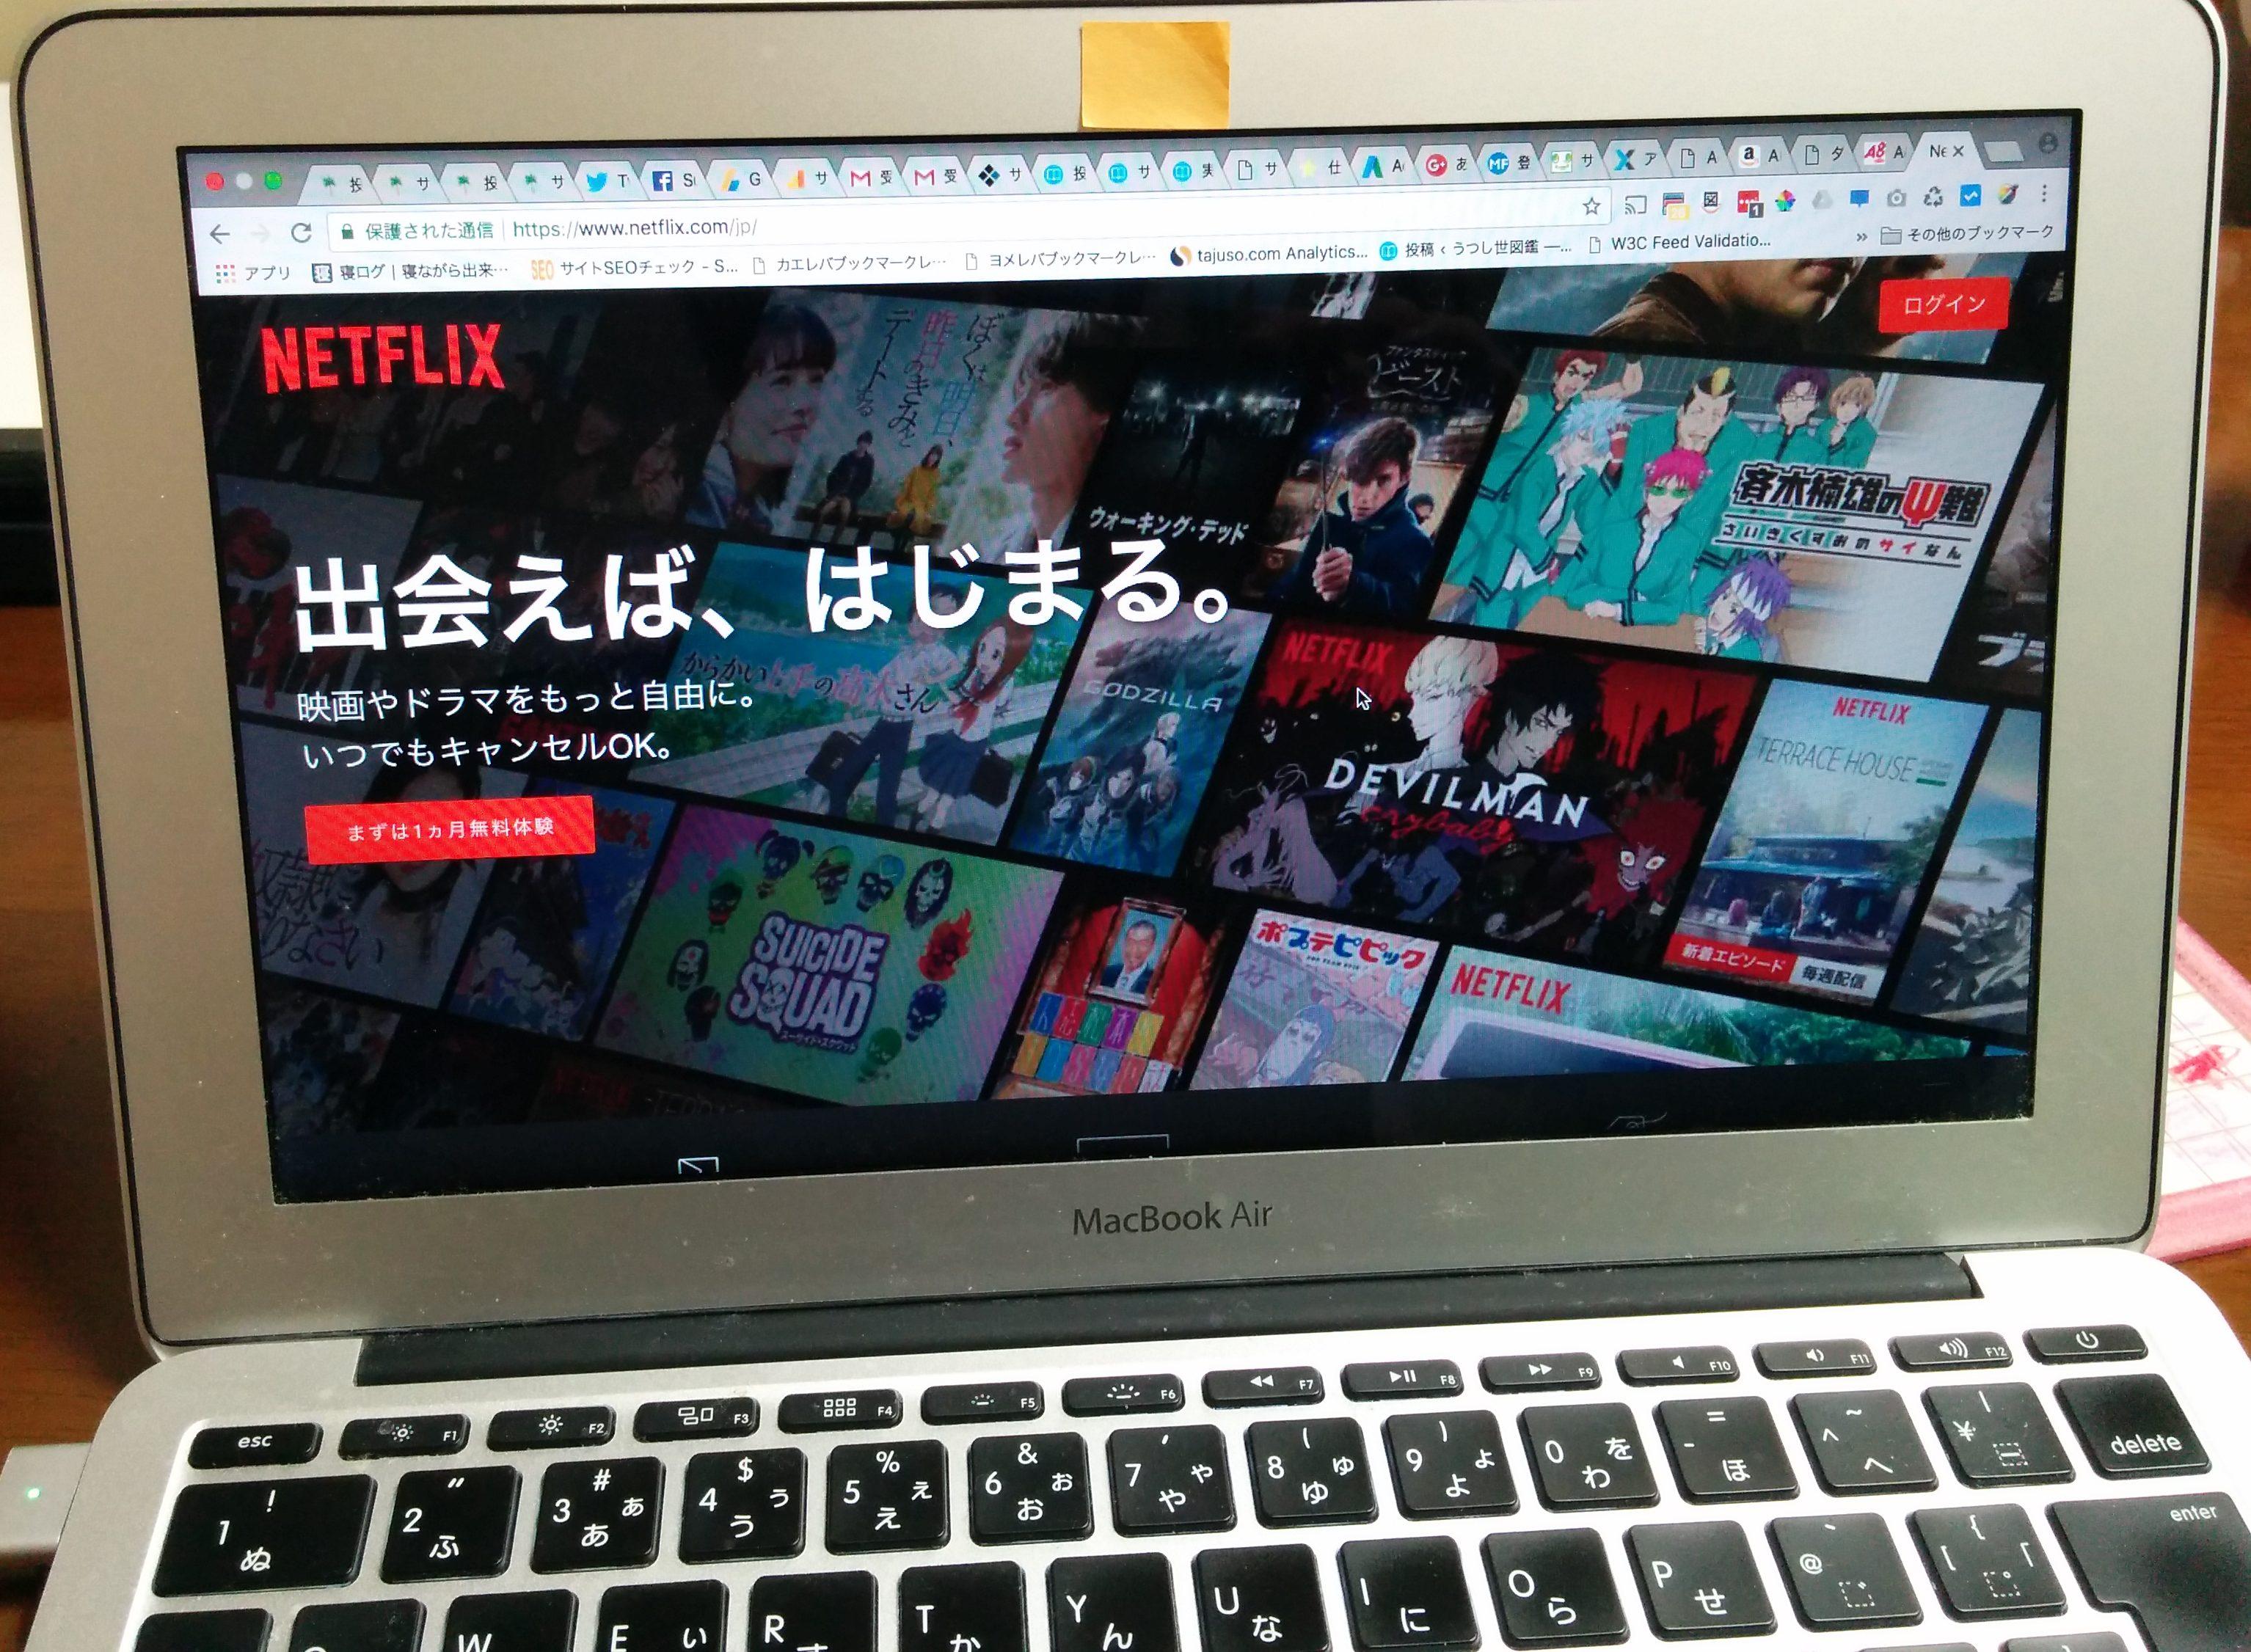 定額制動画配信サービス「Netflix」をお試ししてみた